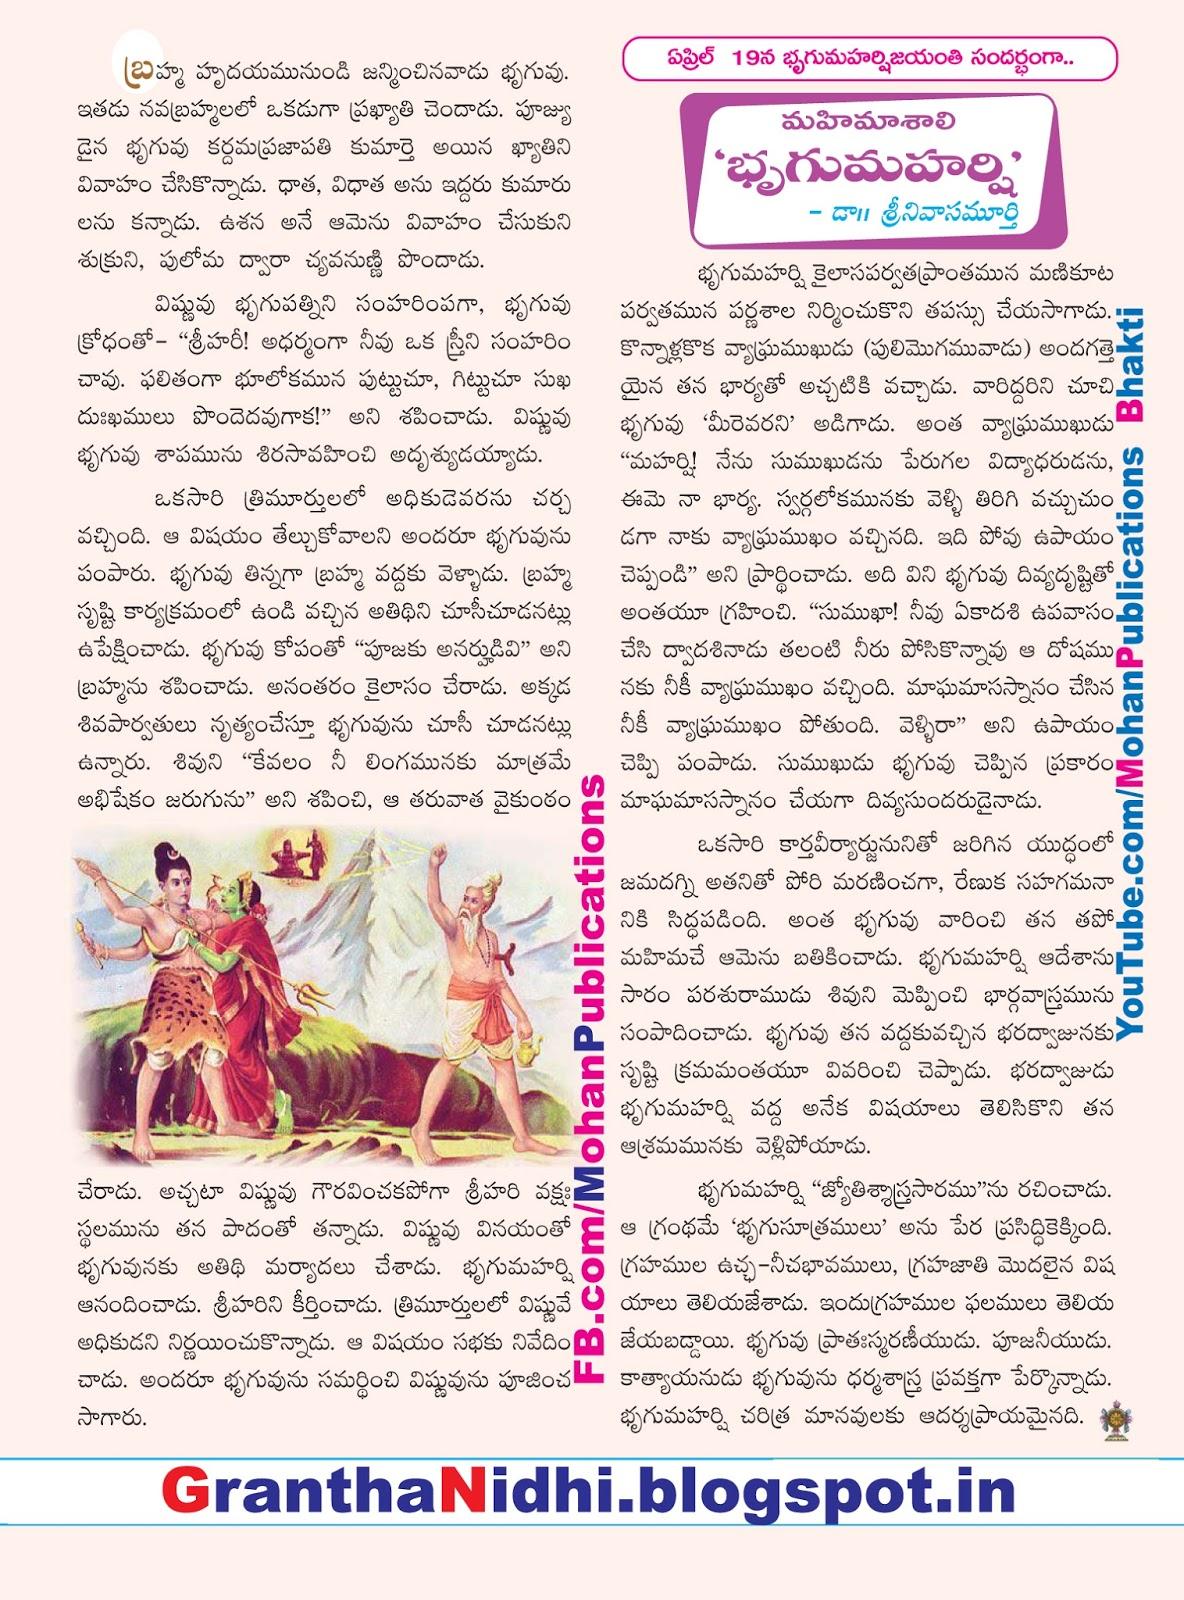 మహిమాశాలి భృగుమహర్షి bhrigu maharishi Lord Vishnu Lord Siva Lord Brahma bhrigu samhitha bhrigu maharishi lord brahma son bhrigu TTD TTD Ebooks Sapthagiri TTD Magazine Saptagiri Ebooks Tirumala Bhakthi Pustakalu Bhakti Pustakalu BhakthiPustakalu BhaktiPustakalu